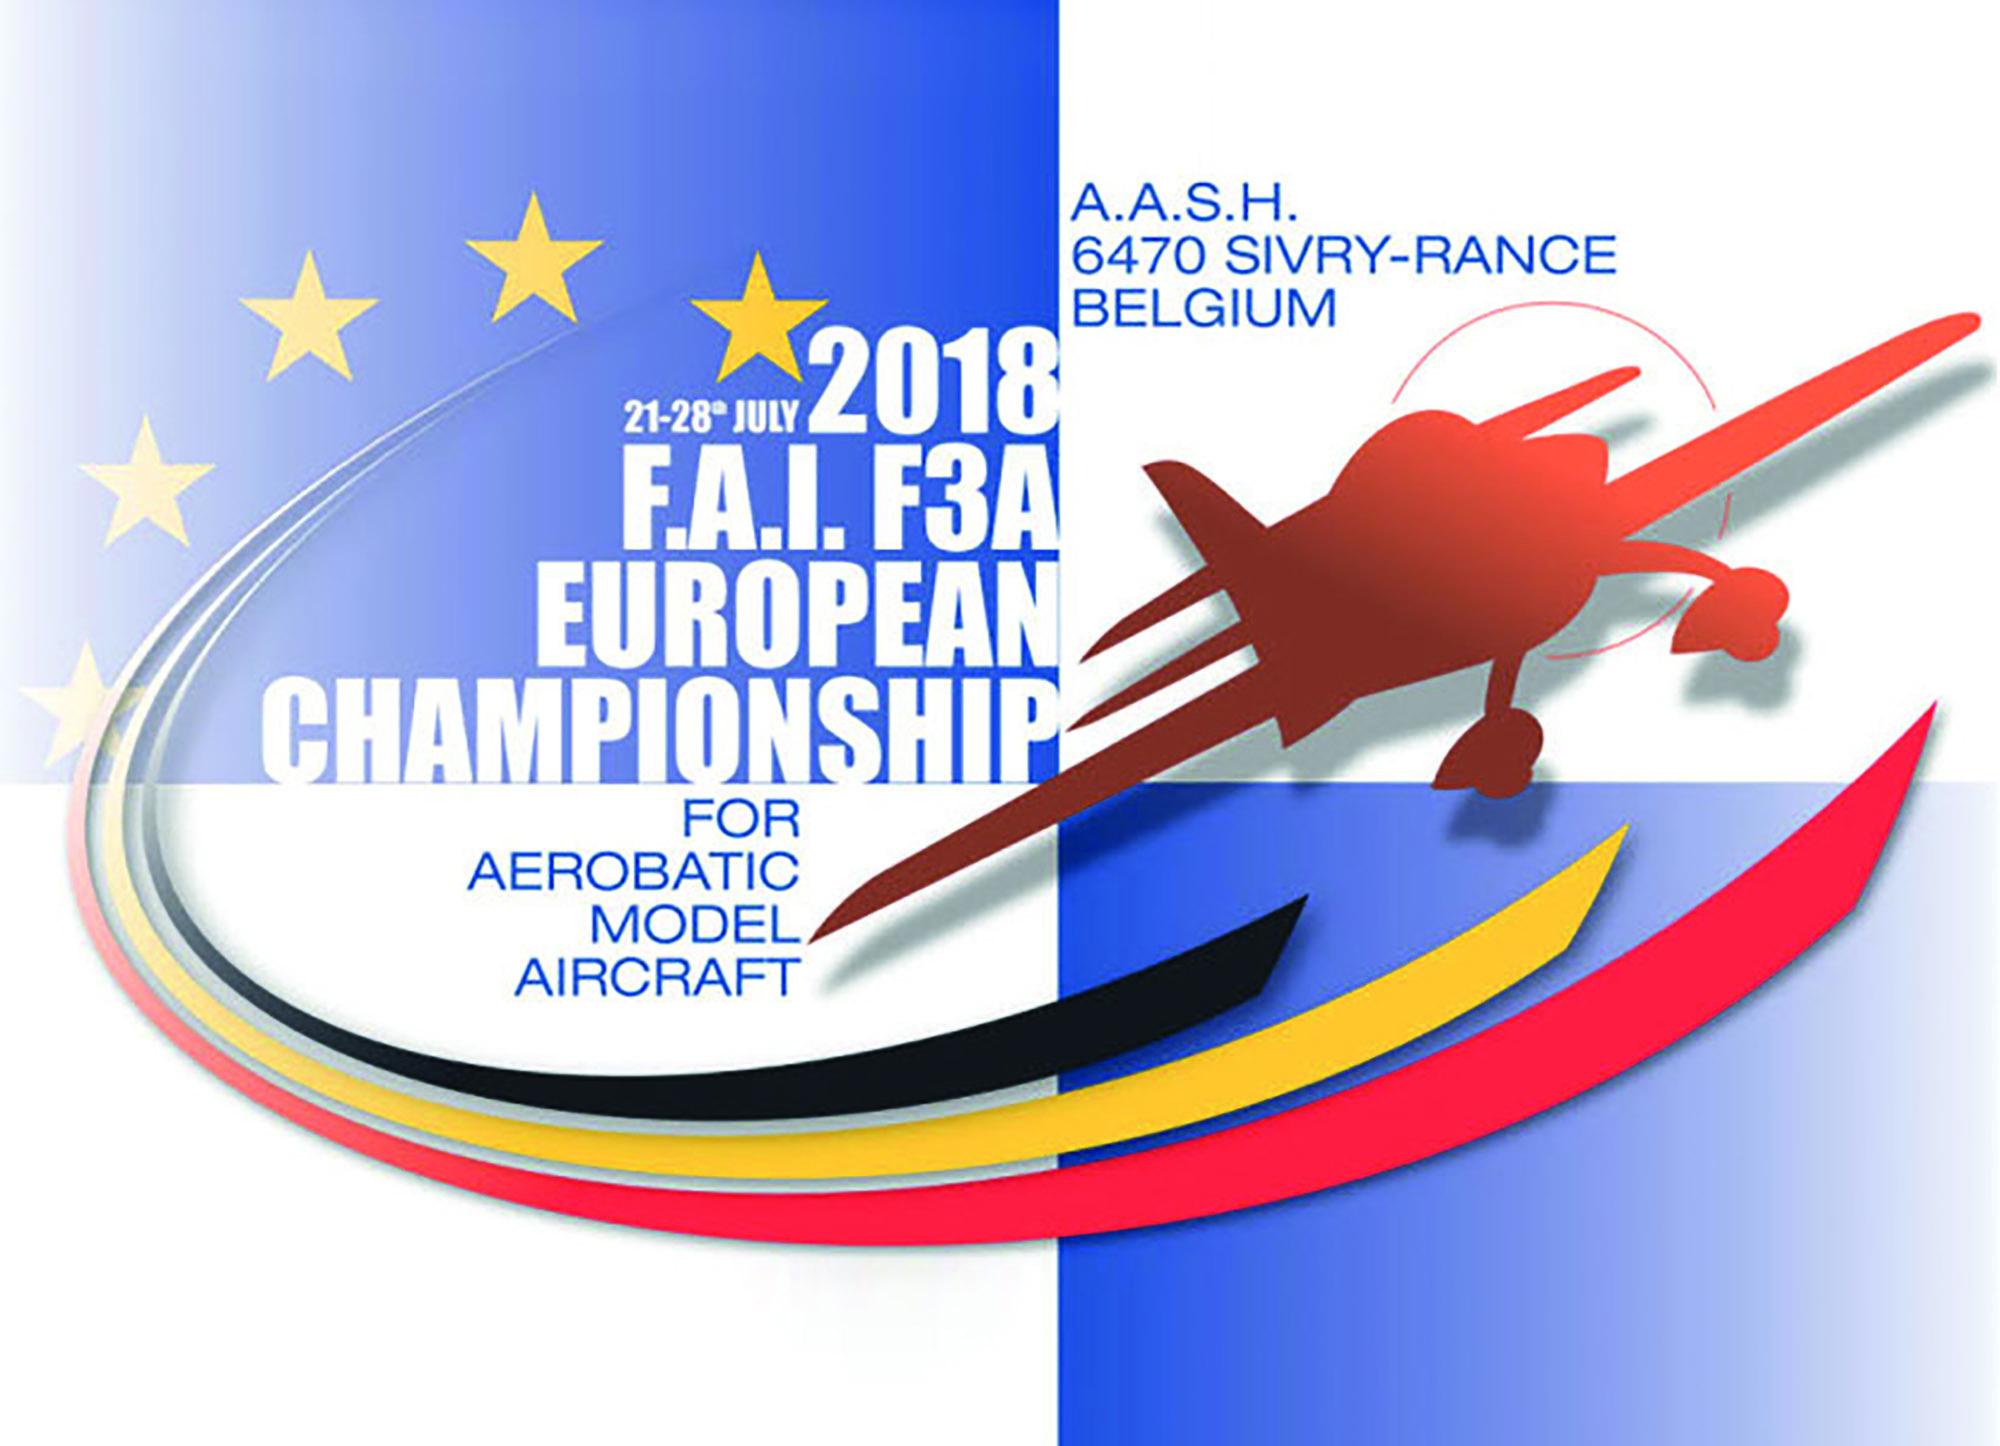 f3a-european-championship-2018.jpg